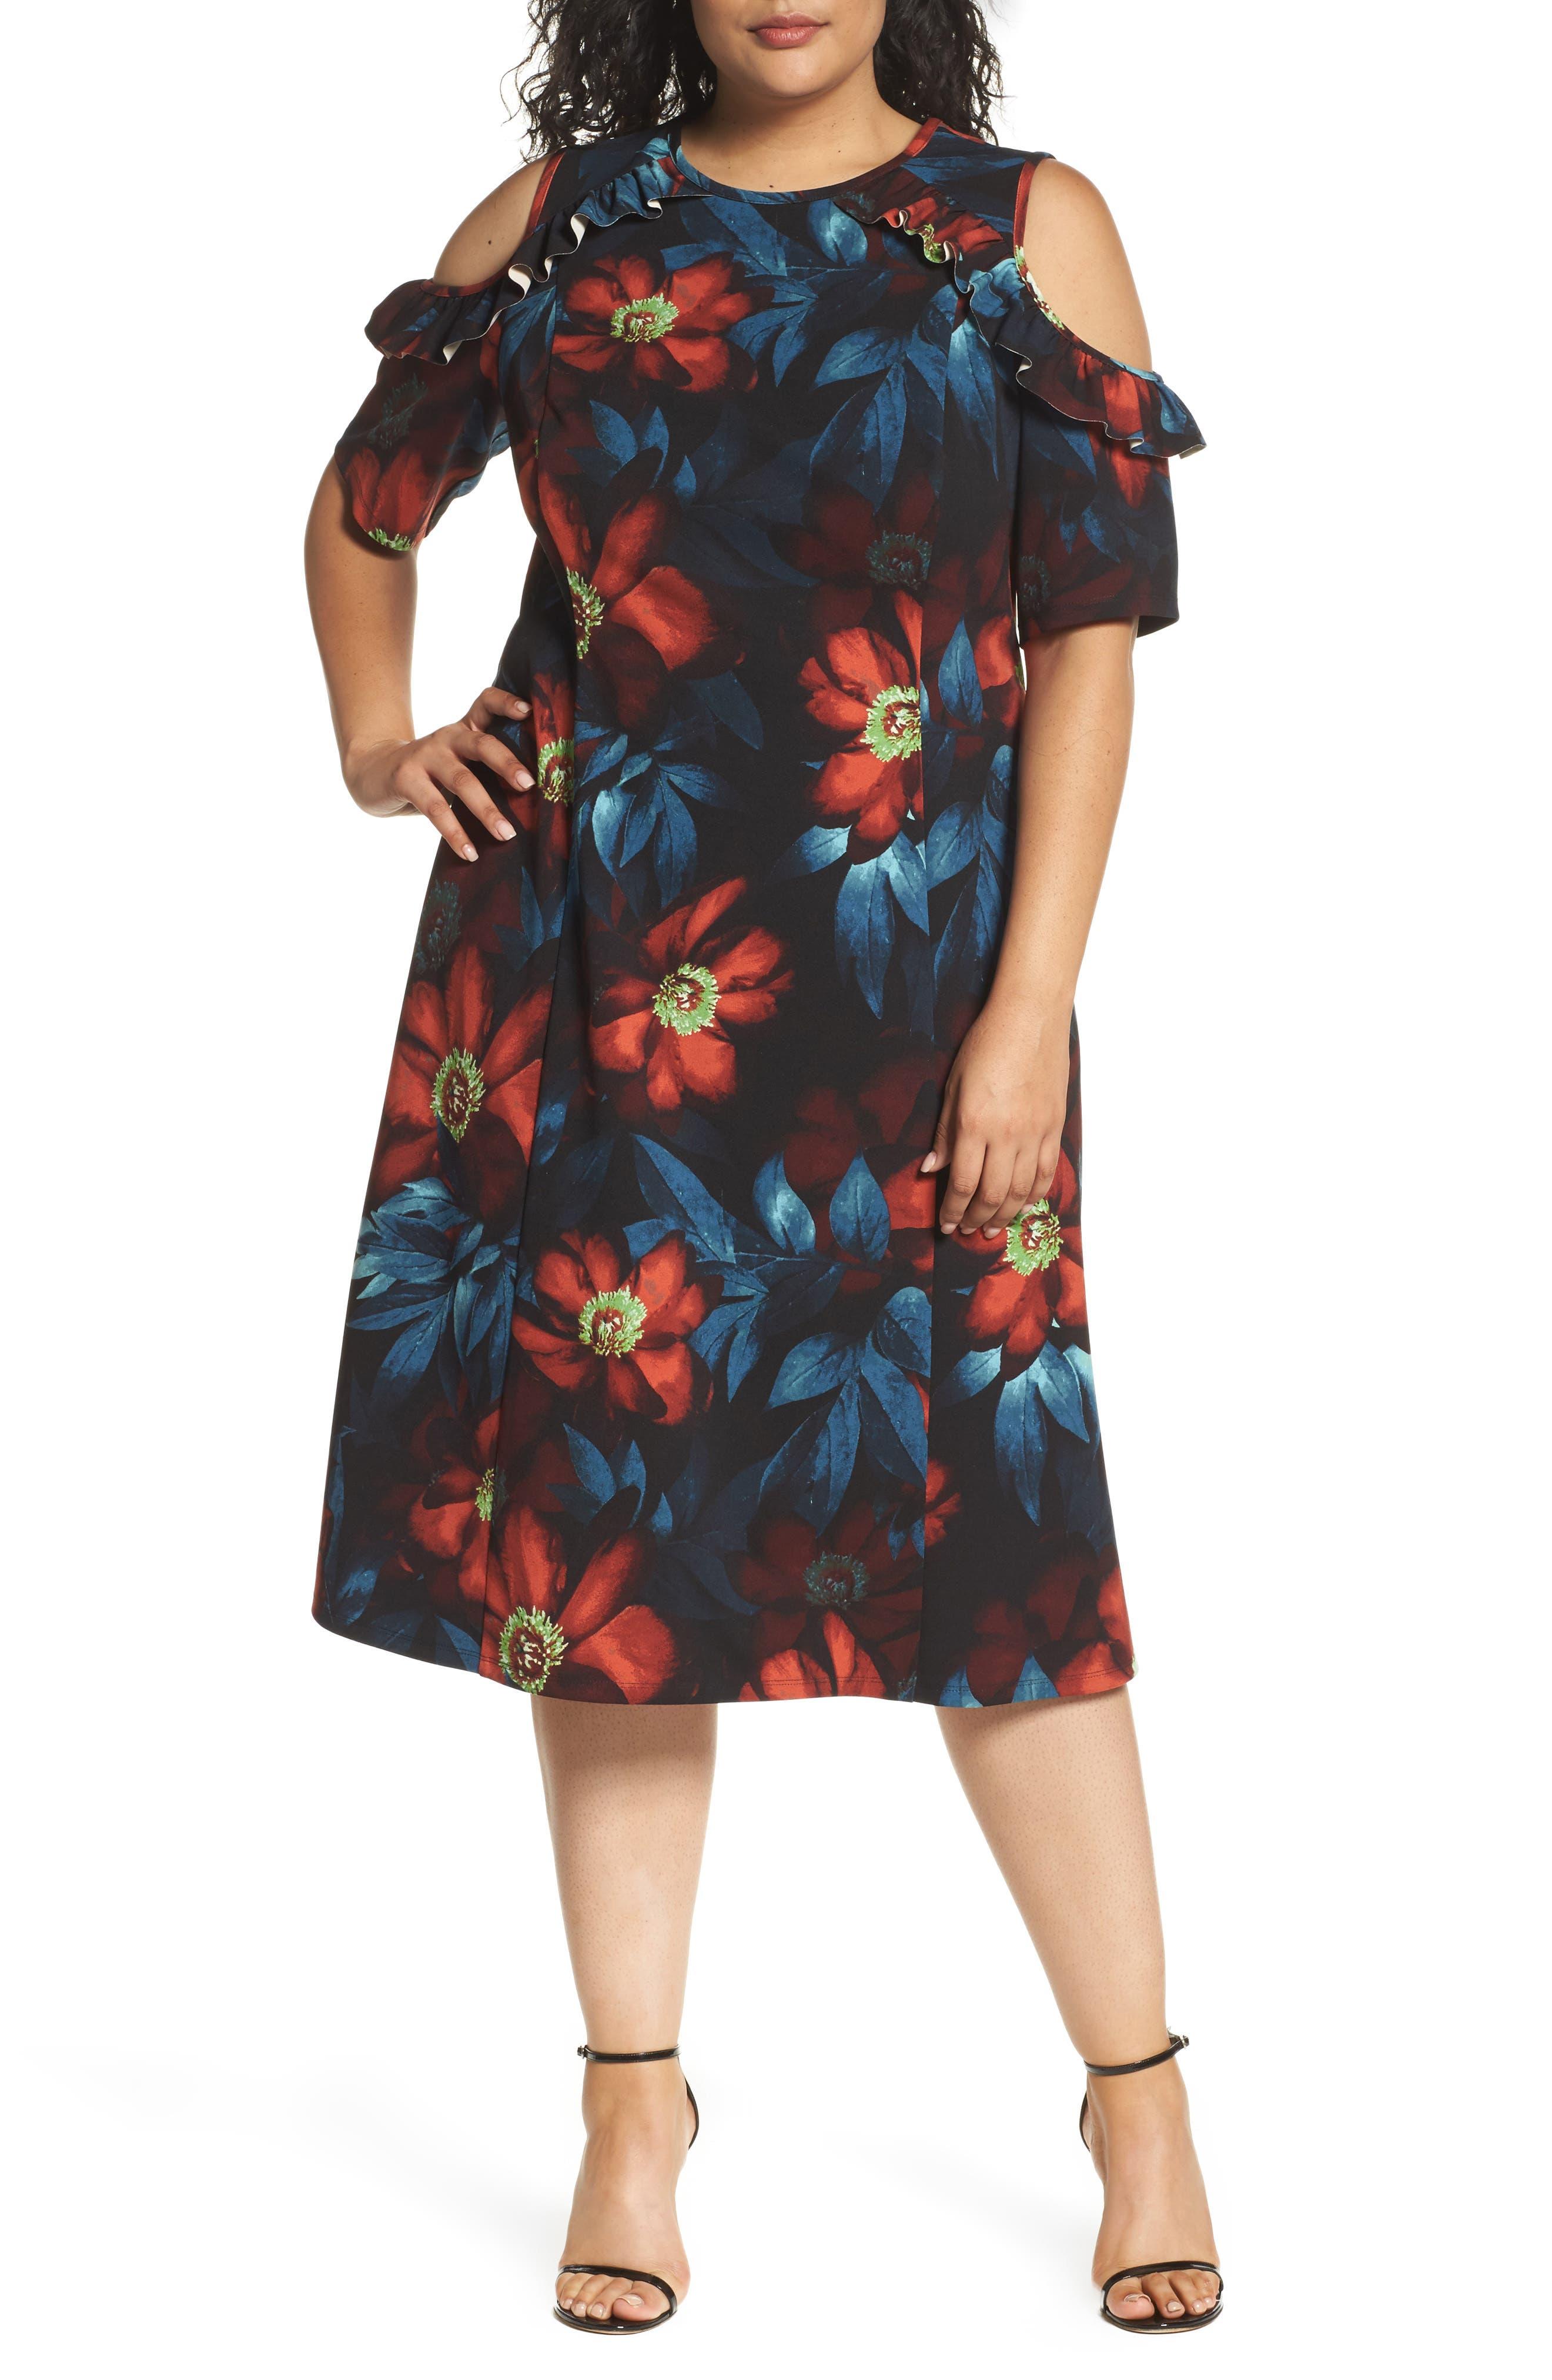 Main Image - London Times Cold Shoulder Floral A-Line Dress (Plus Size)